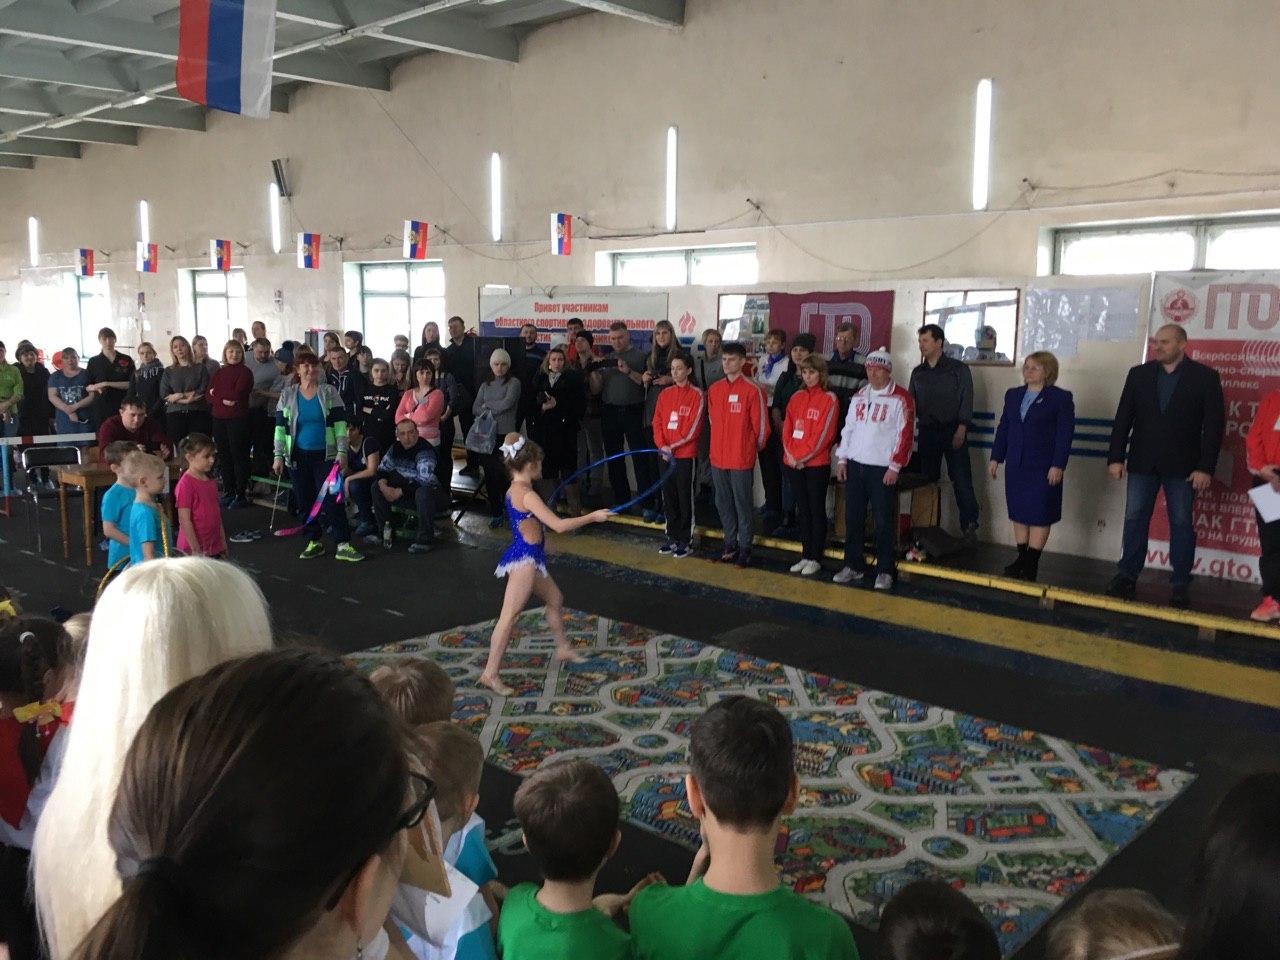 qc12sCAPzn0 - «Крошки ГТОшки!» С целью повышения интереса дошкольников к занятиям спортом